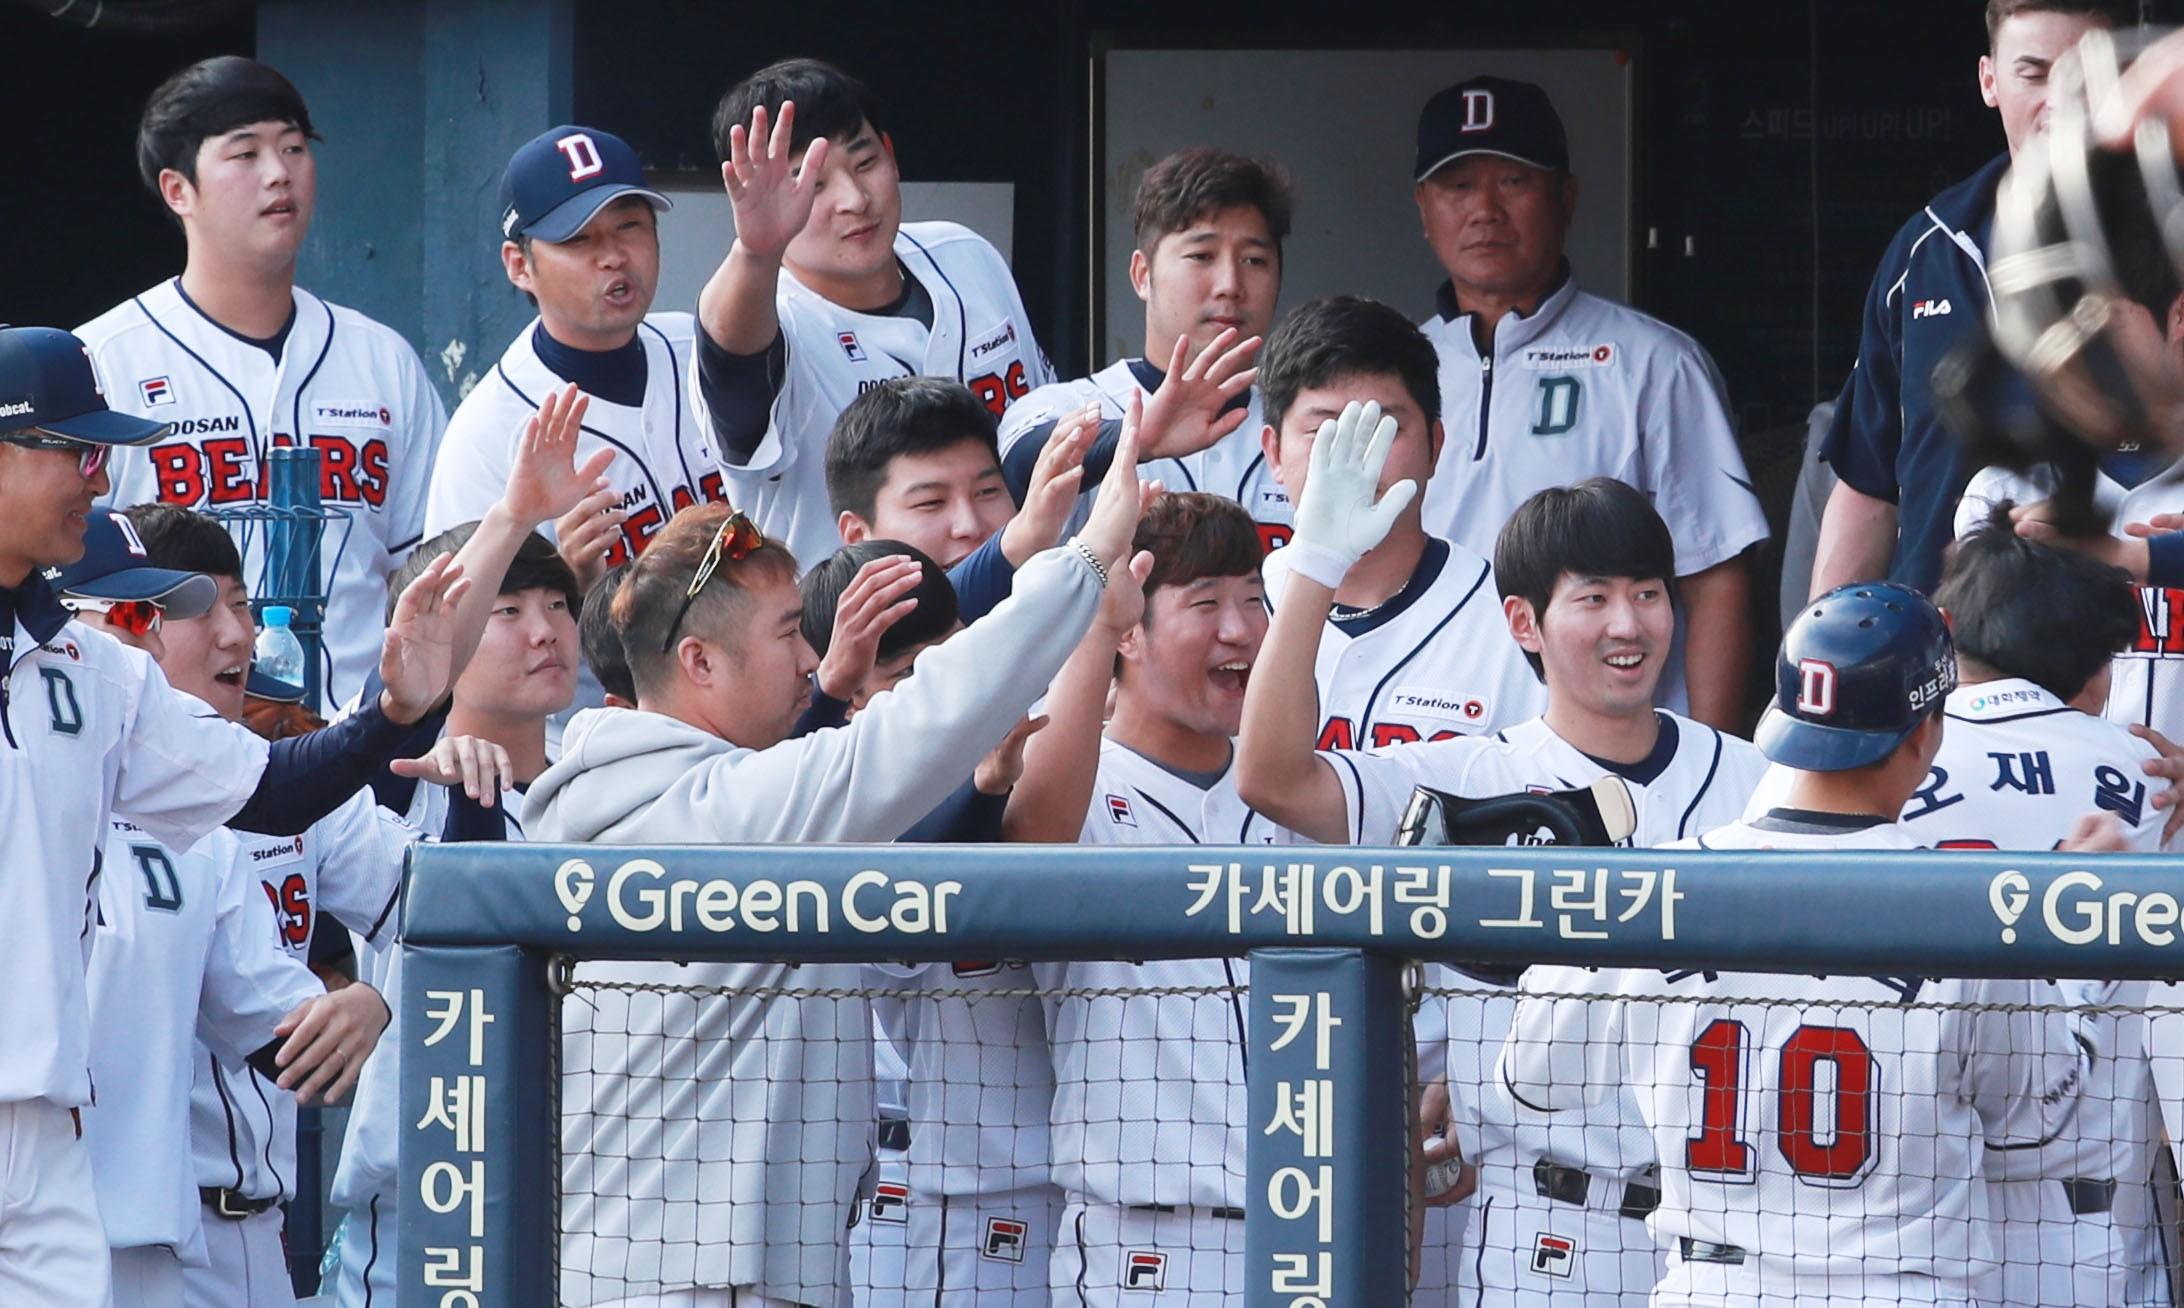 '오재일 만루 쐐기포' 두산, 넥센 꺾고 2년 만에 정규시즌 우승…KS직행